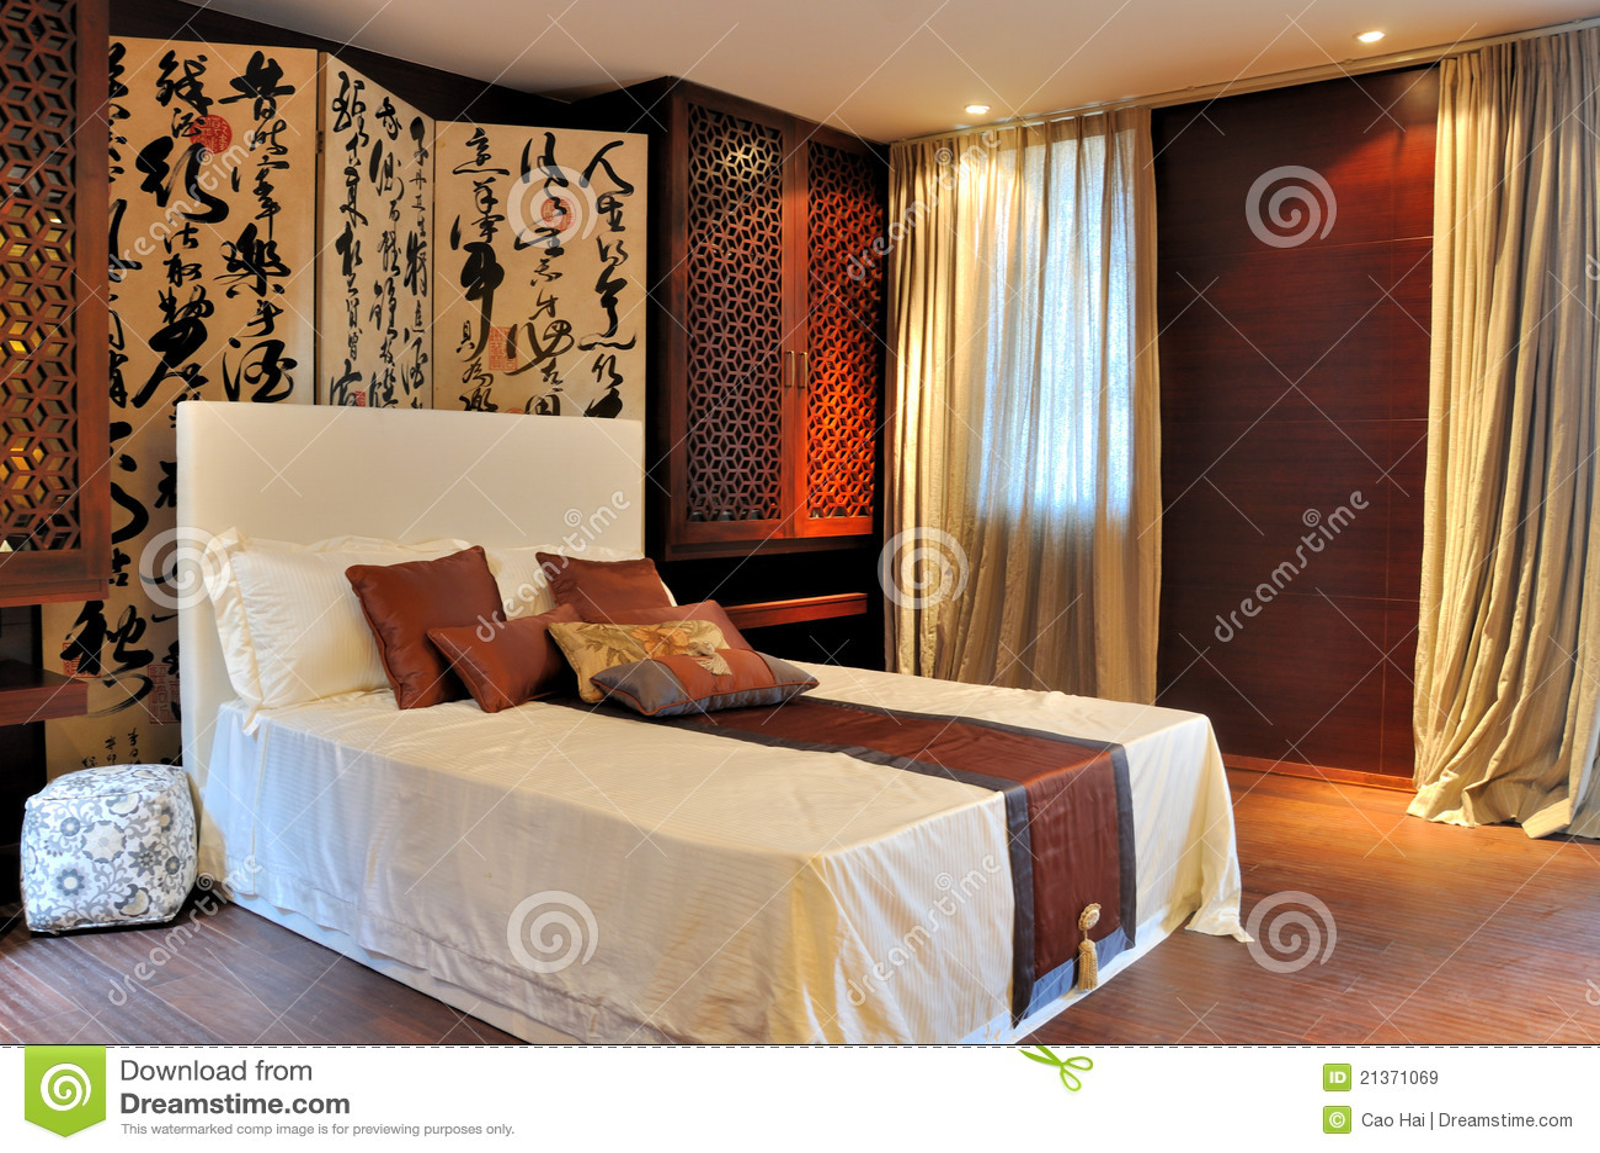 decoracao de interiores estilo oriental:Quarto Decorado No Estilo Luxuoso Oriental Imagens de Stock Royalty